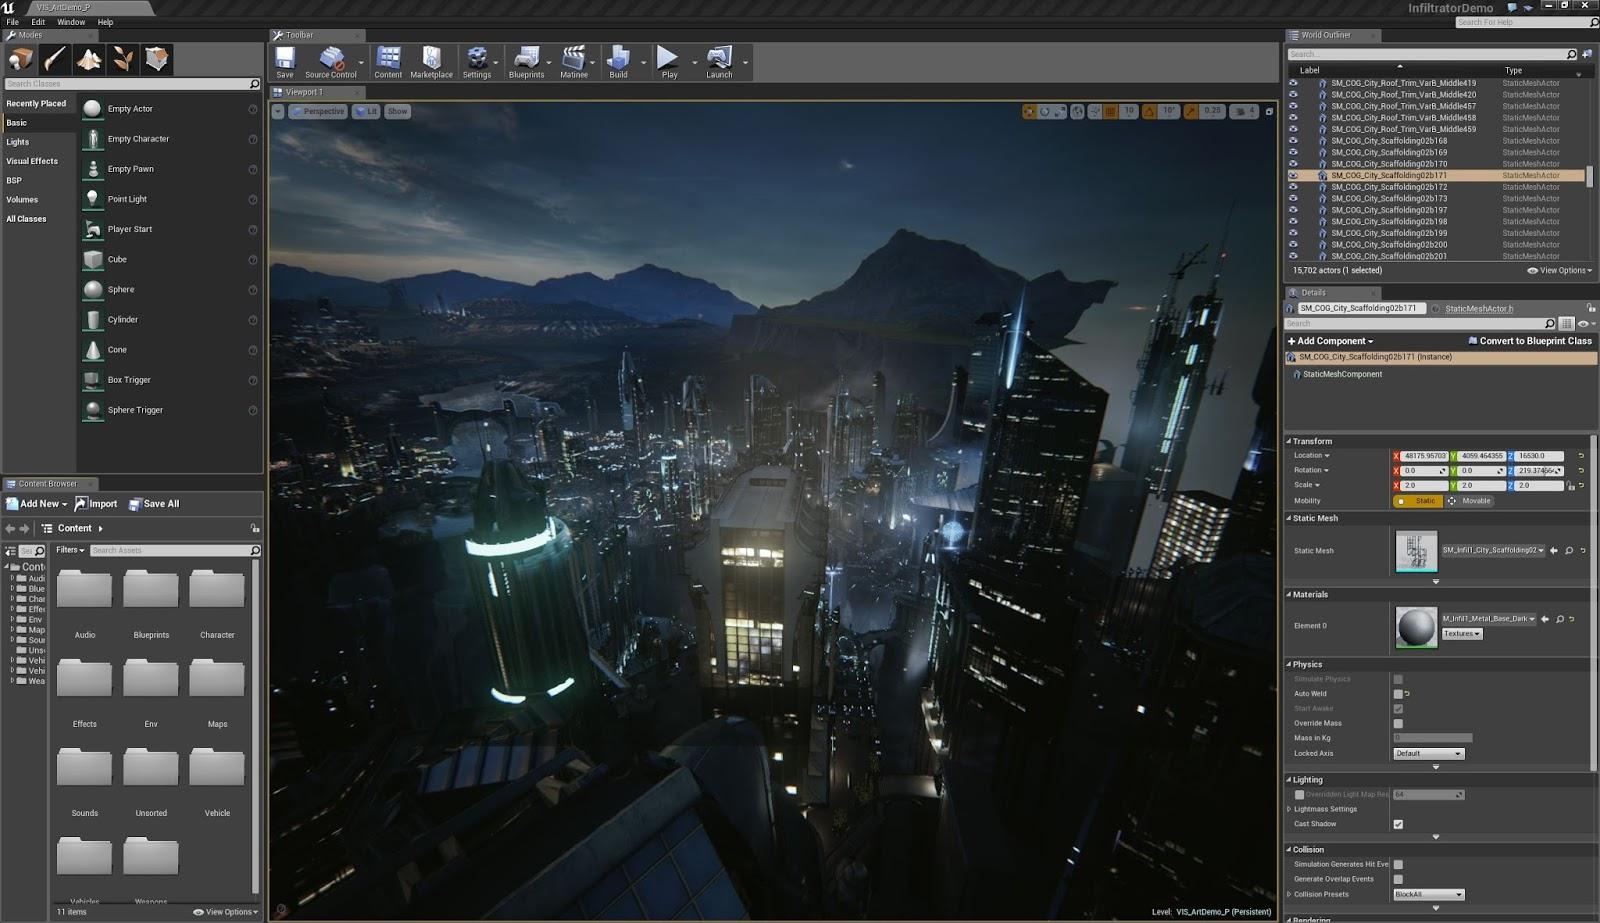 Un juego a ratos marzo 2017 editor de unreal engine 4 malvernweather Choice Image